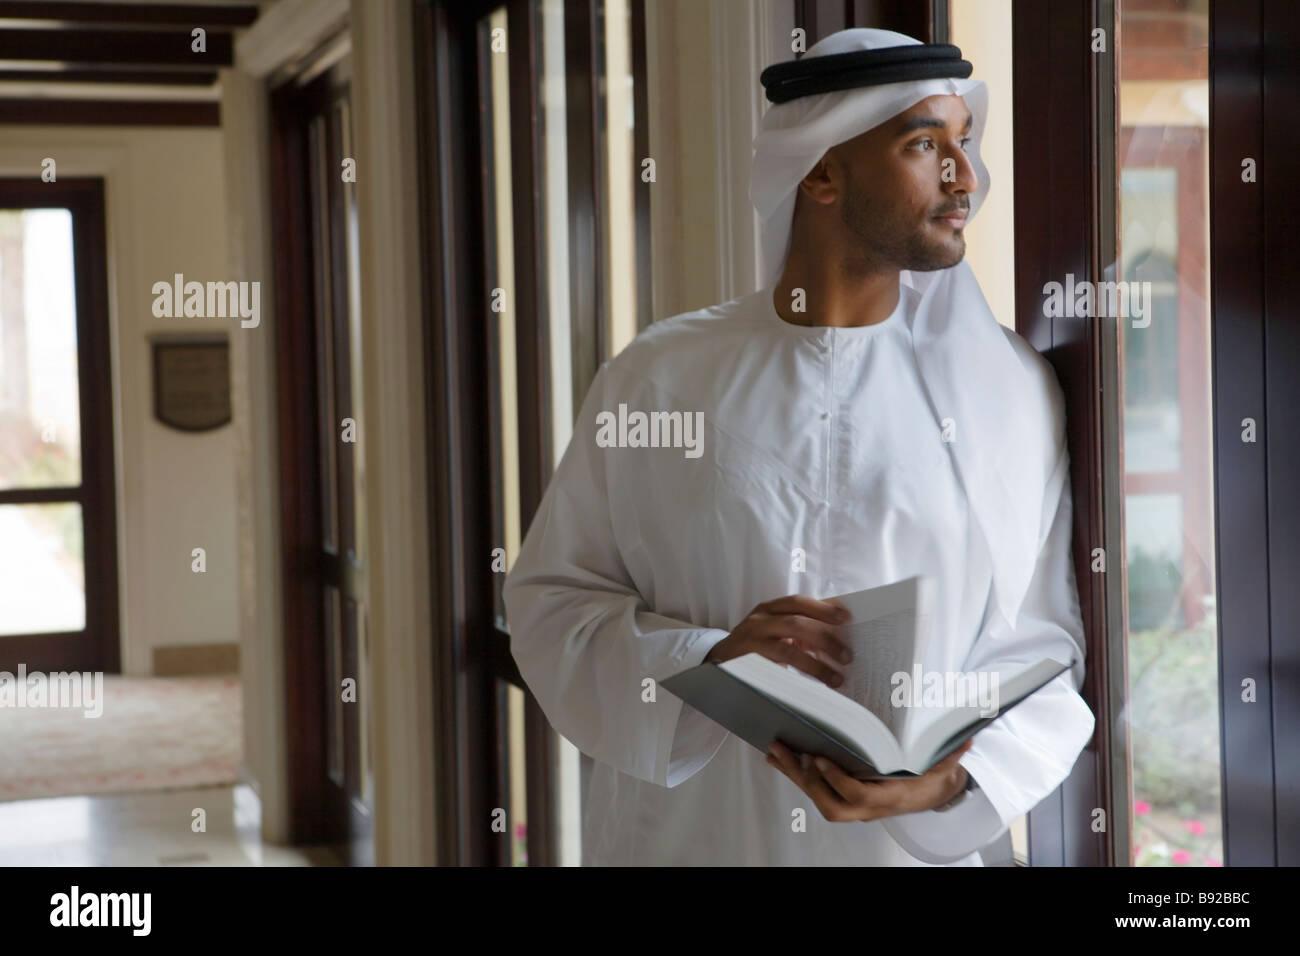 Árabe hombre mirando por una ventana sosteniendo un libro Imagen De Stock